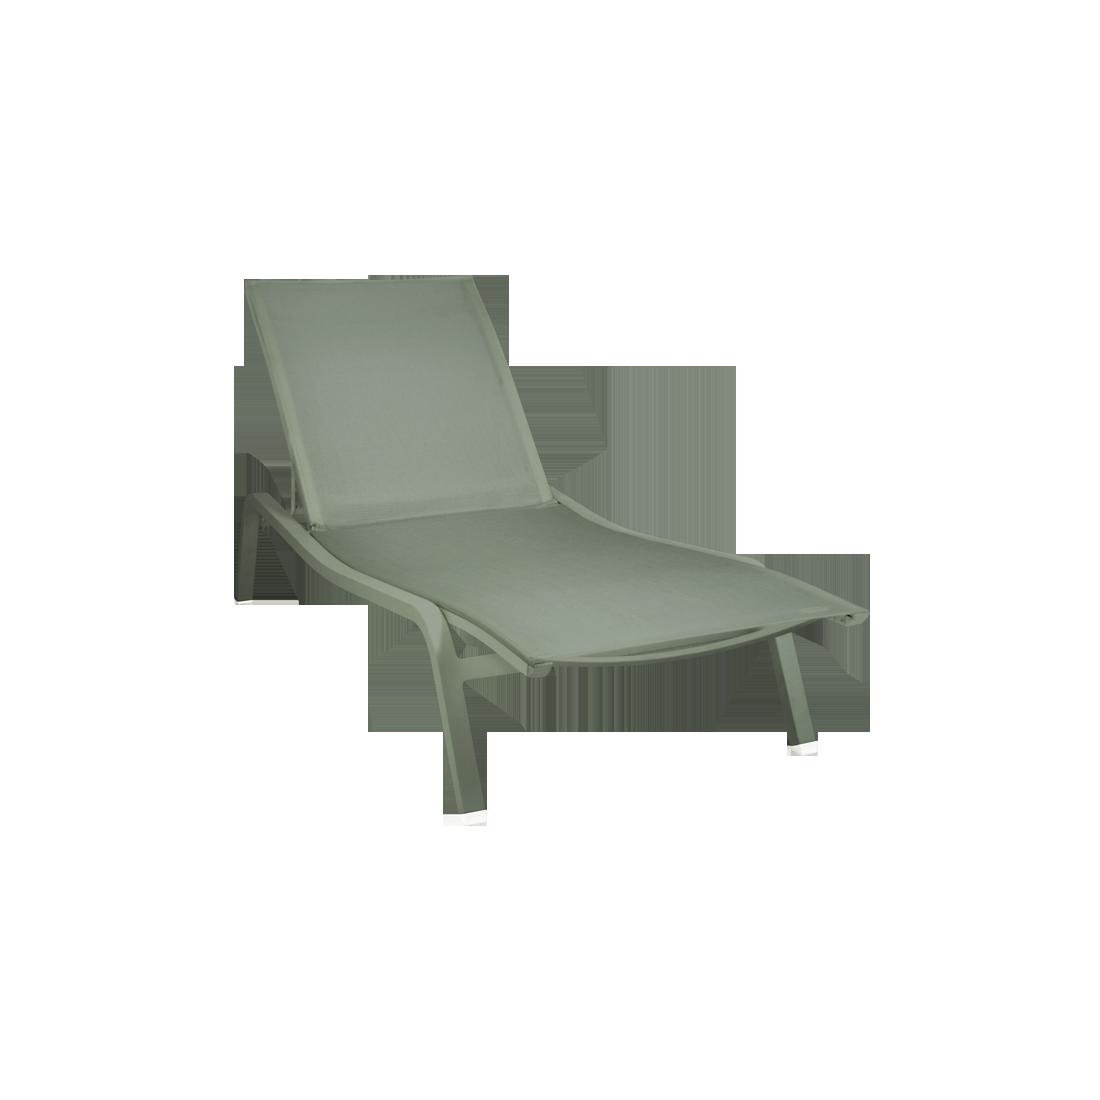 bain de soleil fermob, bain de soleil, chaise longue en toile, chaise longue fermob, chaise longue vert